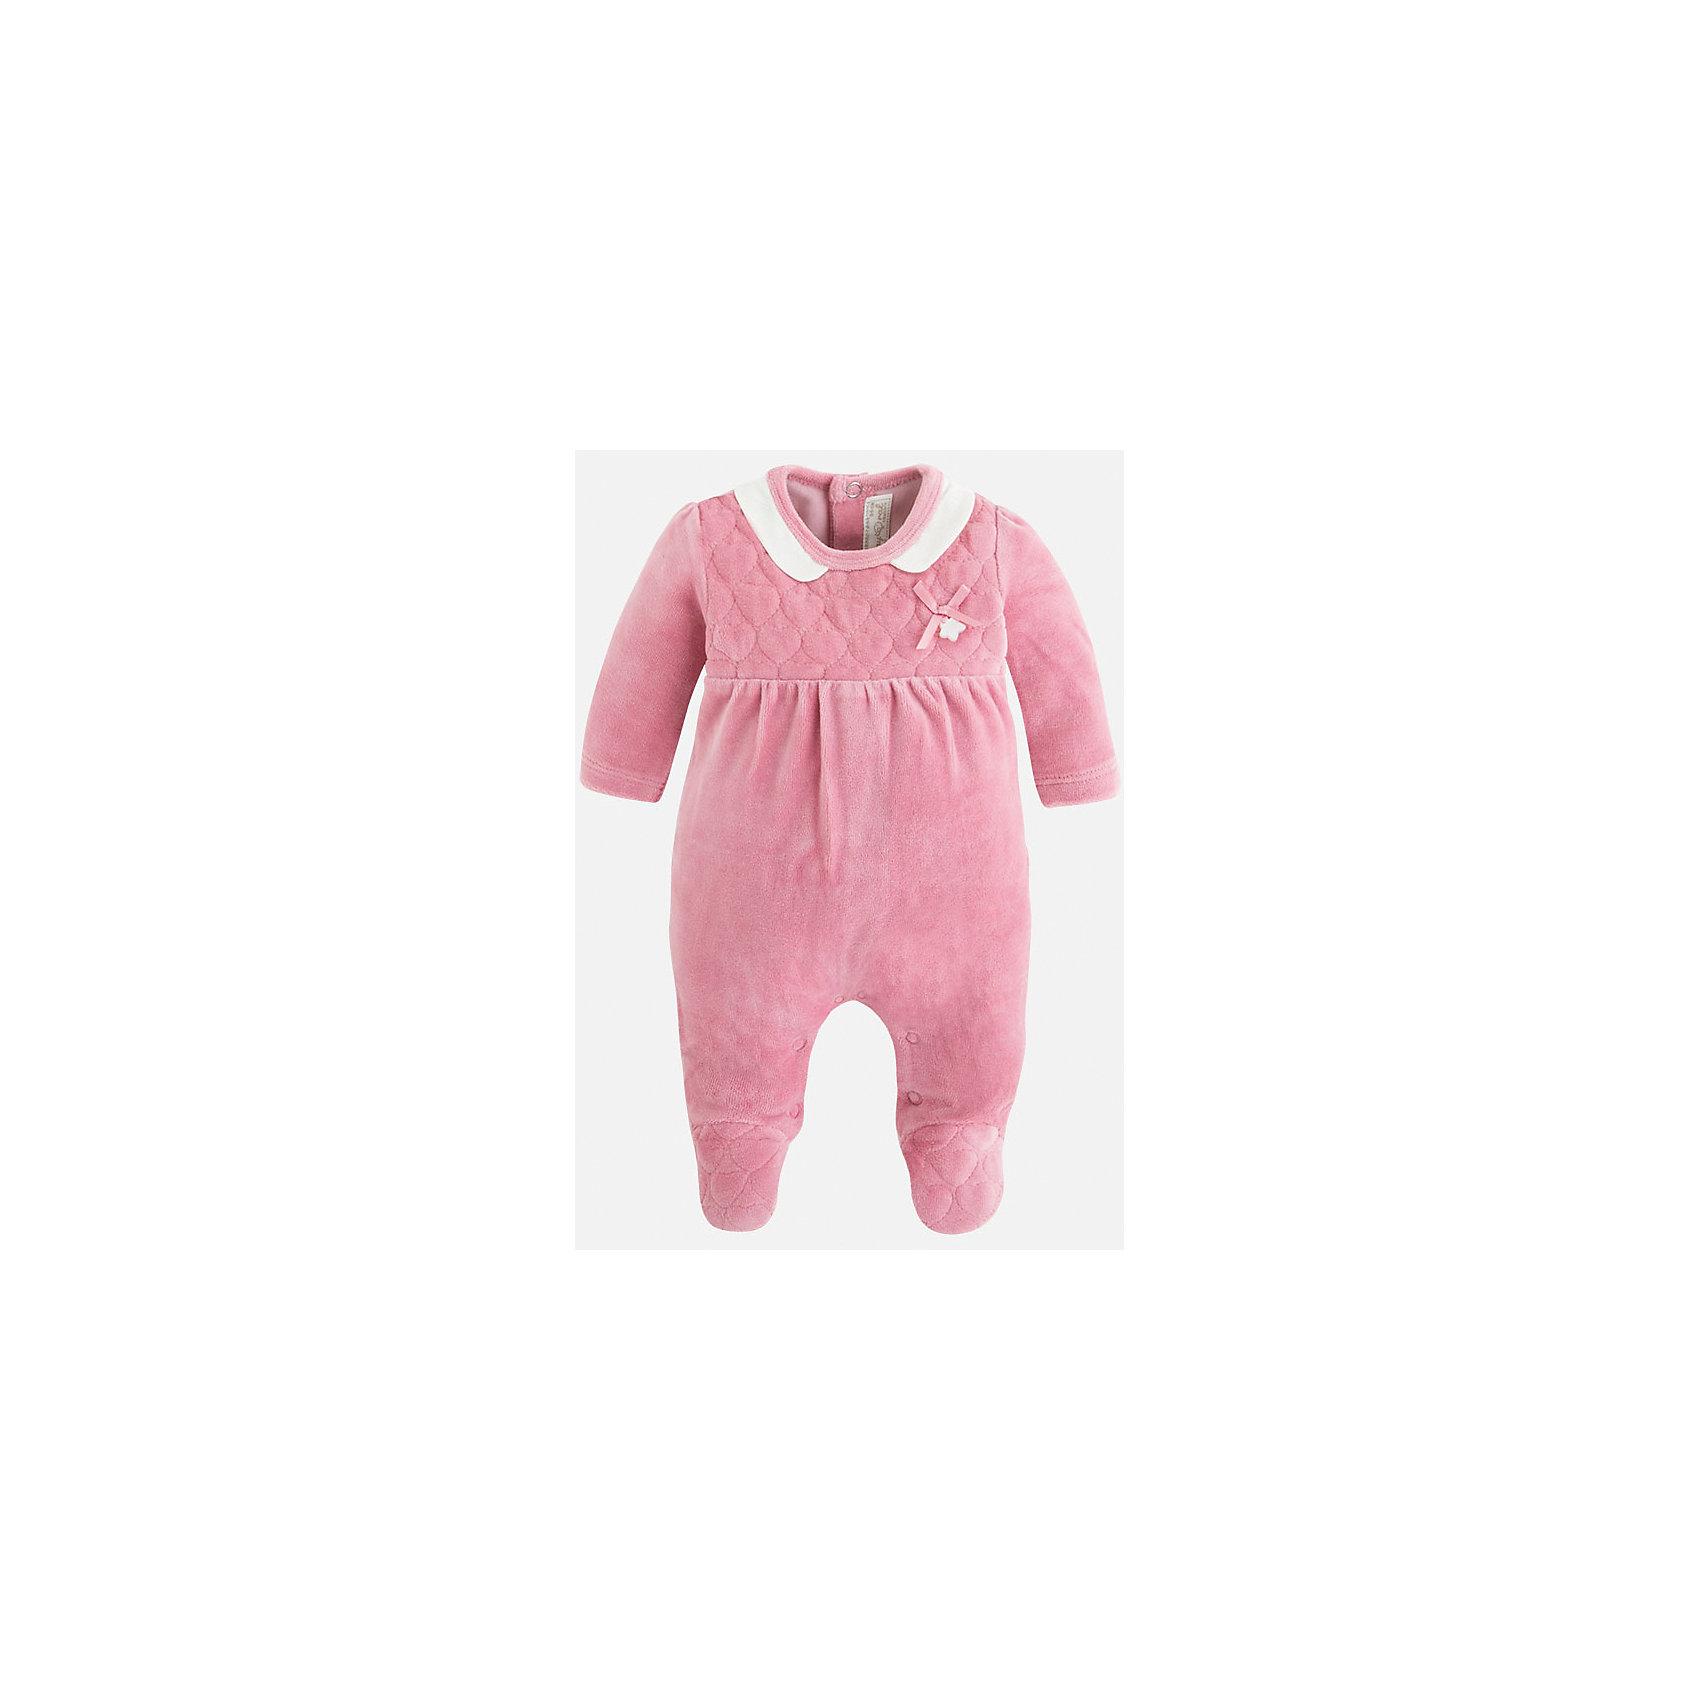 Комбинезон для девочки MayoralОчаровательная розовая пижамка для новорожденной малышки. Изделие украшено маленьким бантиком. Застежки-кнопки по всей длине модели позволяют легко снимать и одевать пижаму. У пижамы закрытые ножки и открытые ручки.<br><br>Дополнительная информация: <br><br>- цвет:  розовый<br>- состав: хлопок 80%, полиэстер 20%; подкладка: хлопок: 100%<br>- длина рукава: длинные<br>- фактура материала: текстильный<br>- вид застежки: кнопки<br>- уход за вещами: бережная стирка при 30 градусах<br>- рисунок: без  рисунка<br>- назначение: повседневная<br>- сезон: круглогодичный<br>- пол: девочки<br>- страна бренда: Испания<br>- комплектация: пижама<br><br>Пижаму для девочки торговой марки    Майорал  можно купить в нашем интернет-магазине.<br><br>Ширина мм: 281<br>Глубина мм: 70<br>Высота мм: 188<br>Вес г: 295<br>Цвет: красный<br>Возраст от месяцев: 24<br>Возраст до месяцев: 36<br>Пол: Женский<br>Возраст: Детский<br>Размер: 68,56,50,62<br>SKU: 4846119